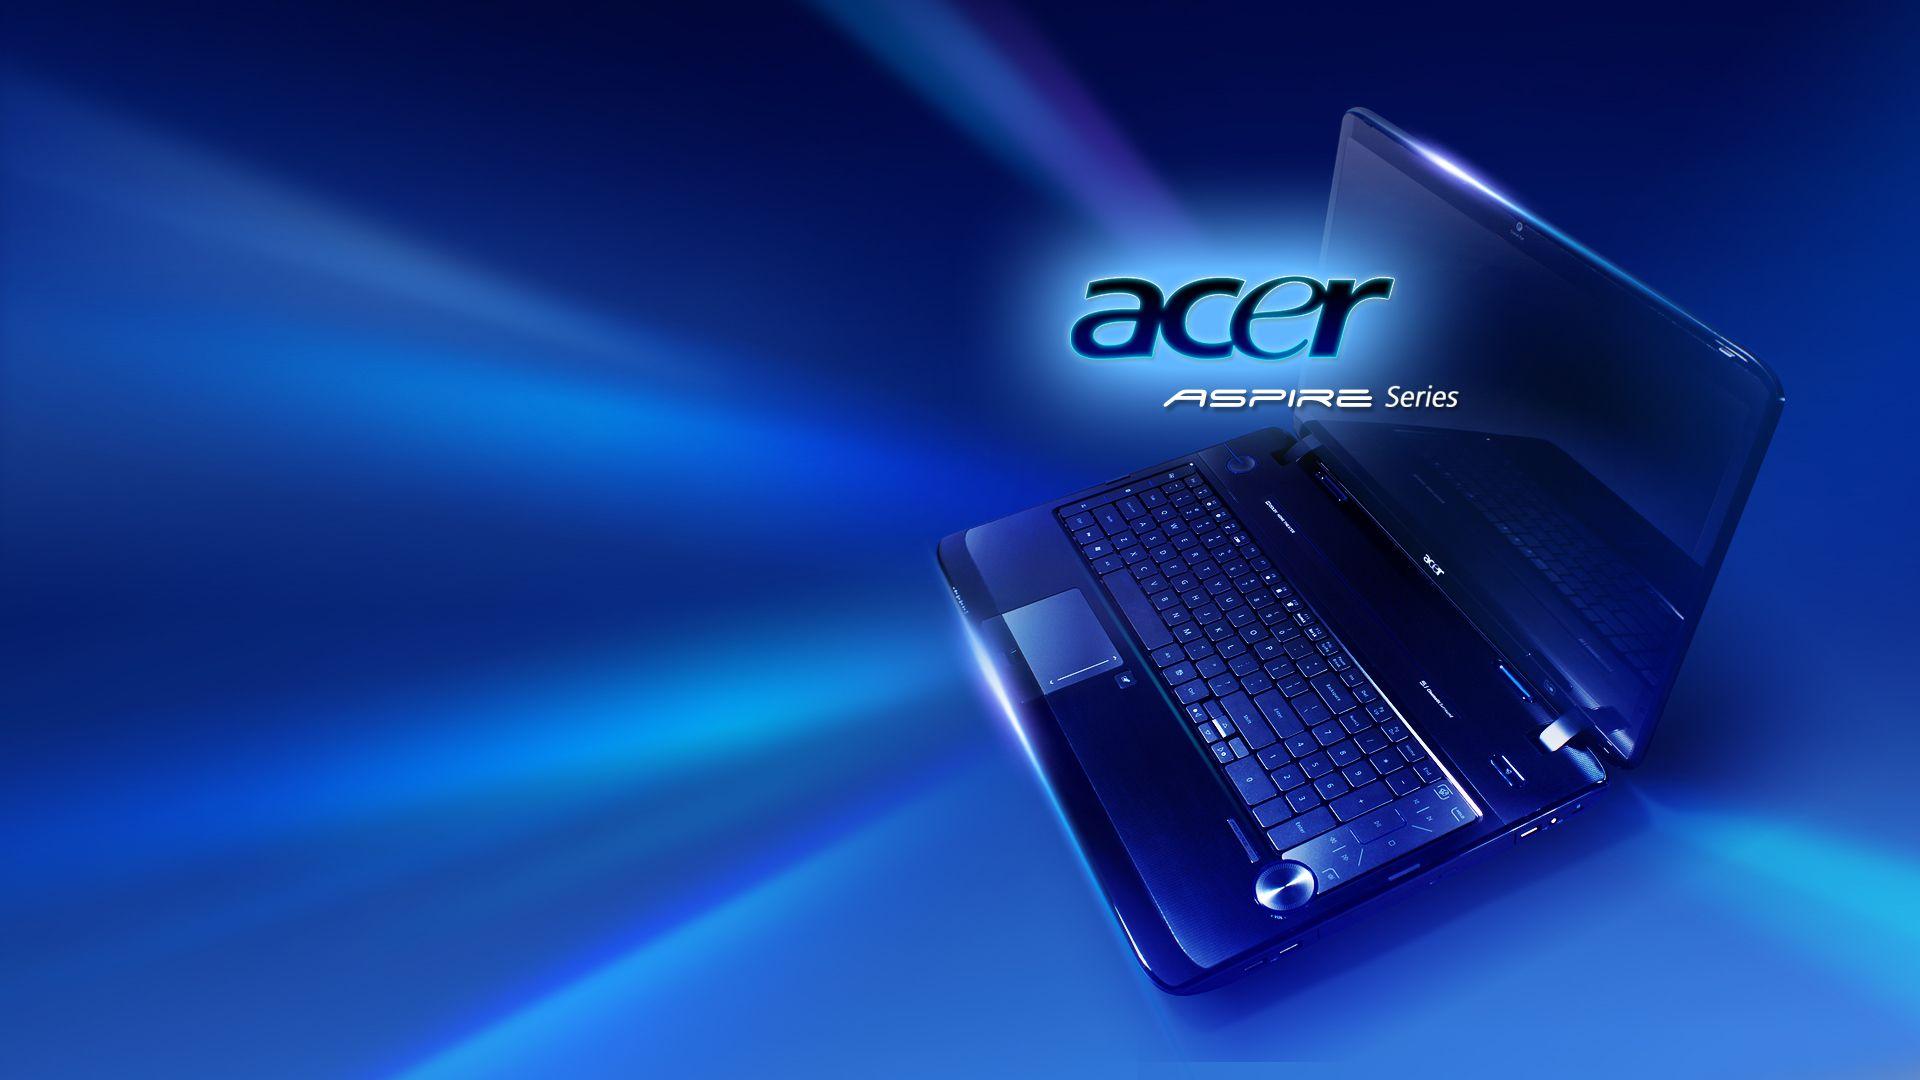 Wallpaper For Laptop Acer